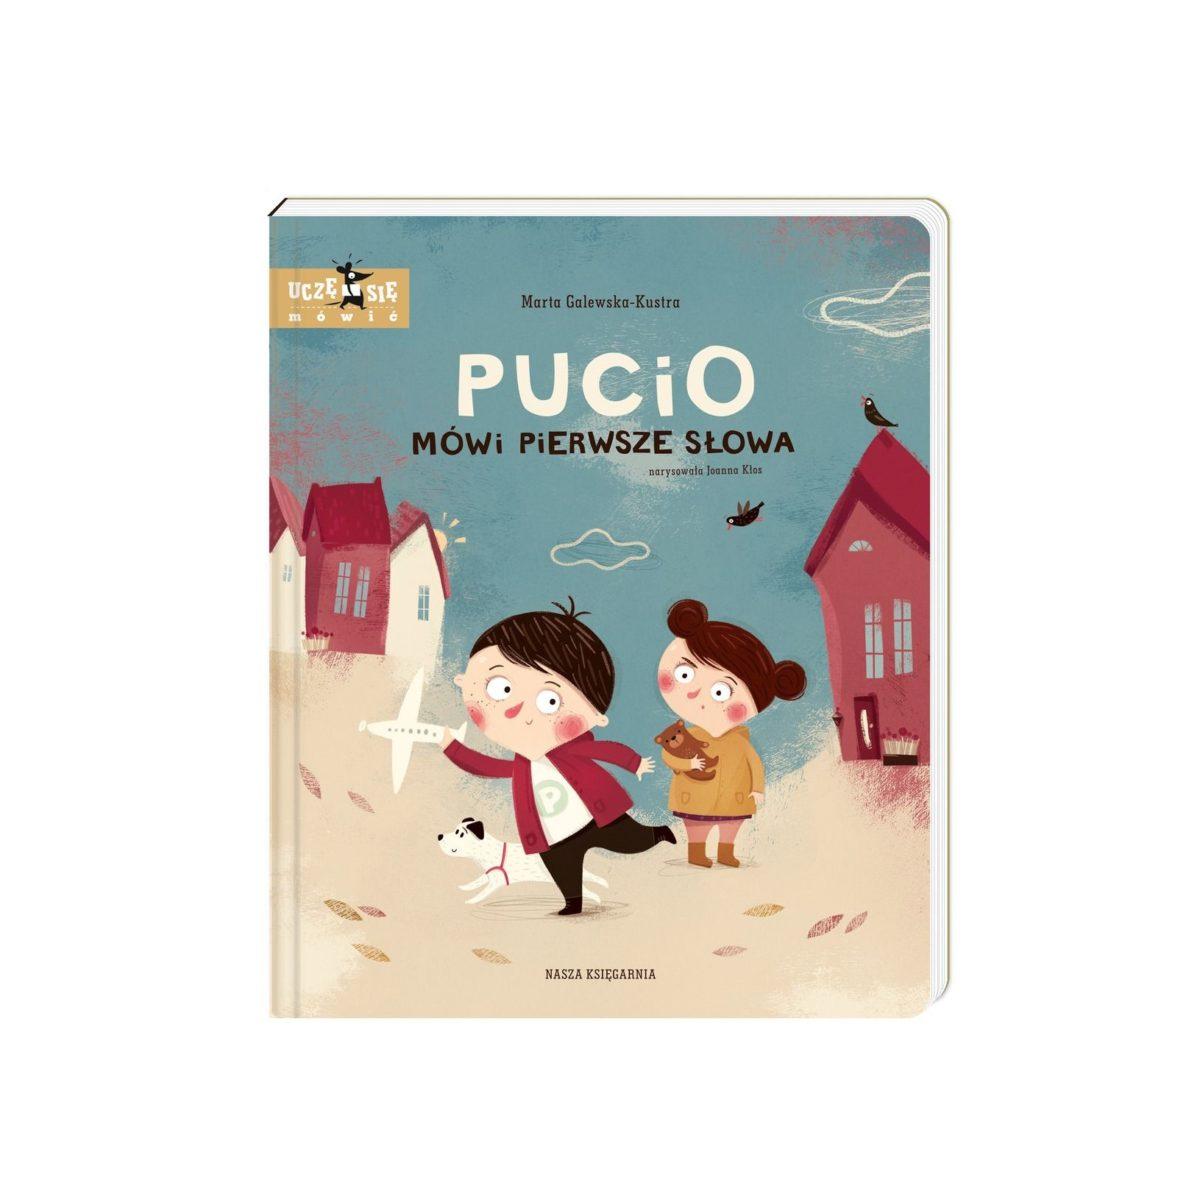 Pucio mówi pierwsze słowa - pierwsza książeczka dla dziecka